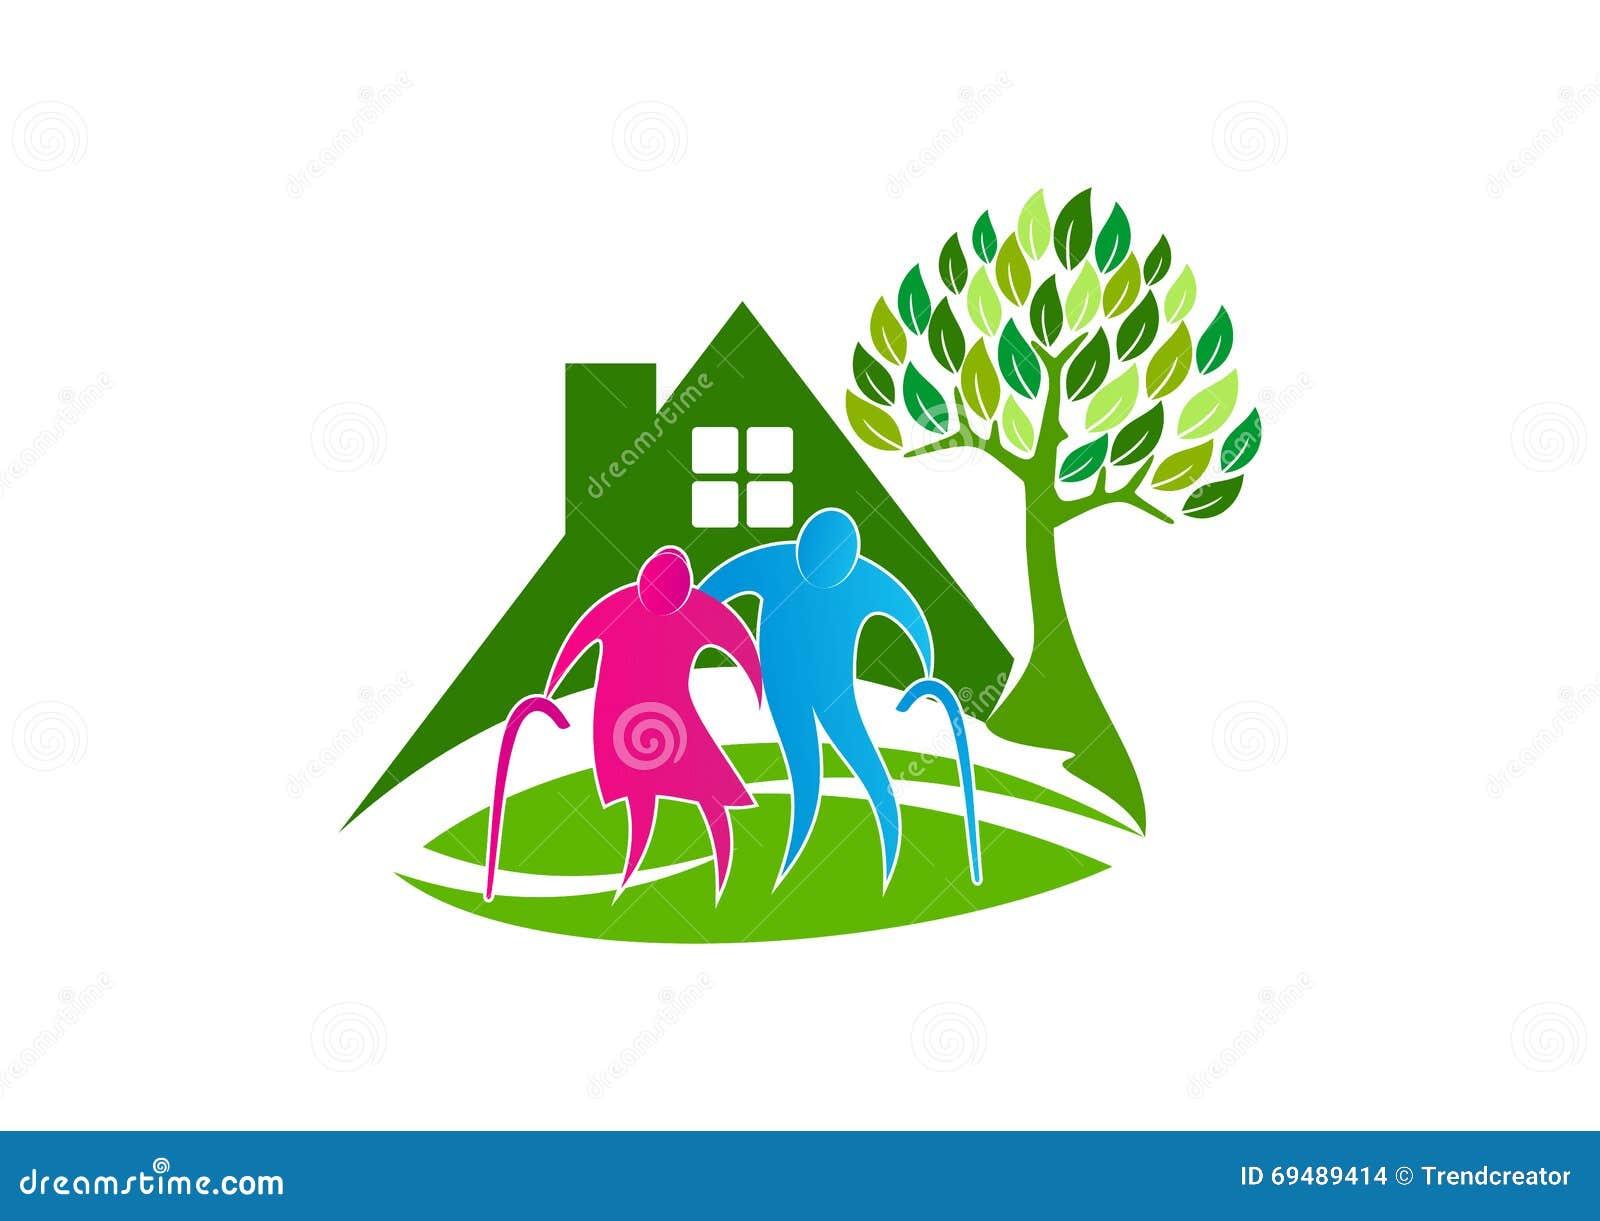 Logotipo superior do cuidado, ícone do símbolo dos povos mais idosos, projeto de conceito saudável do lar de idosos